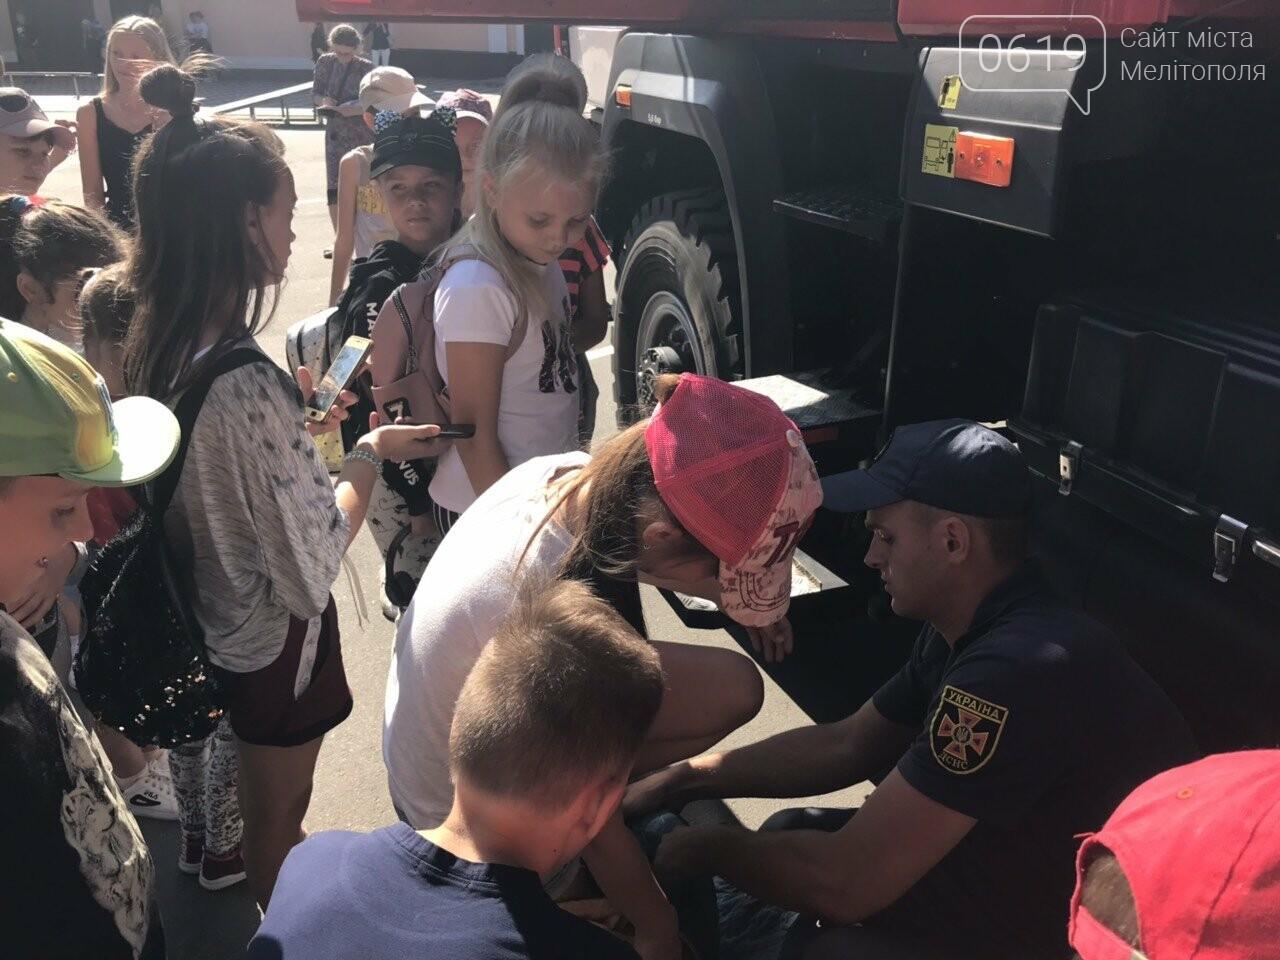 Мелитопольские спасатели провели масштабную акцию для детей, фото-19